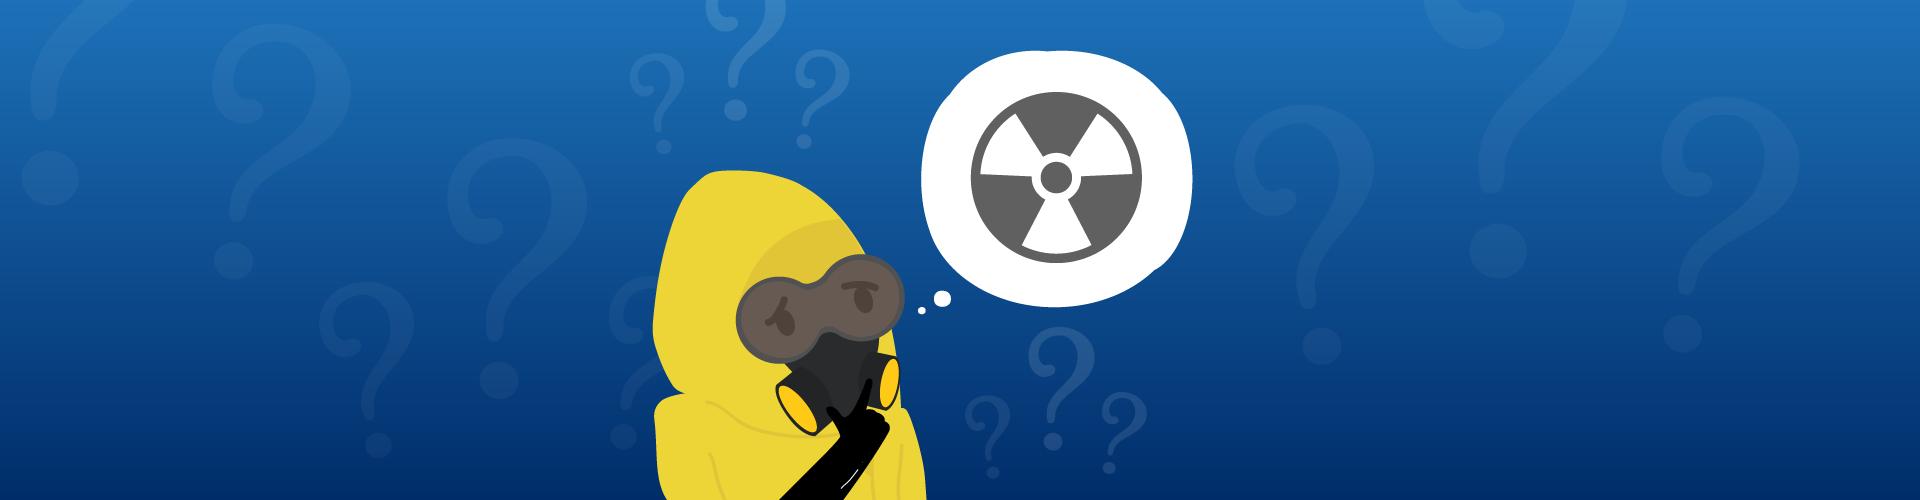 Você sabe o que é radiação?